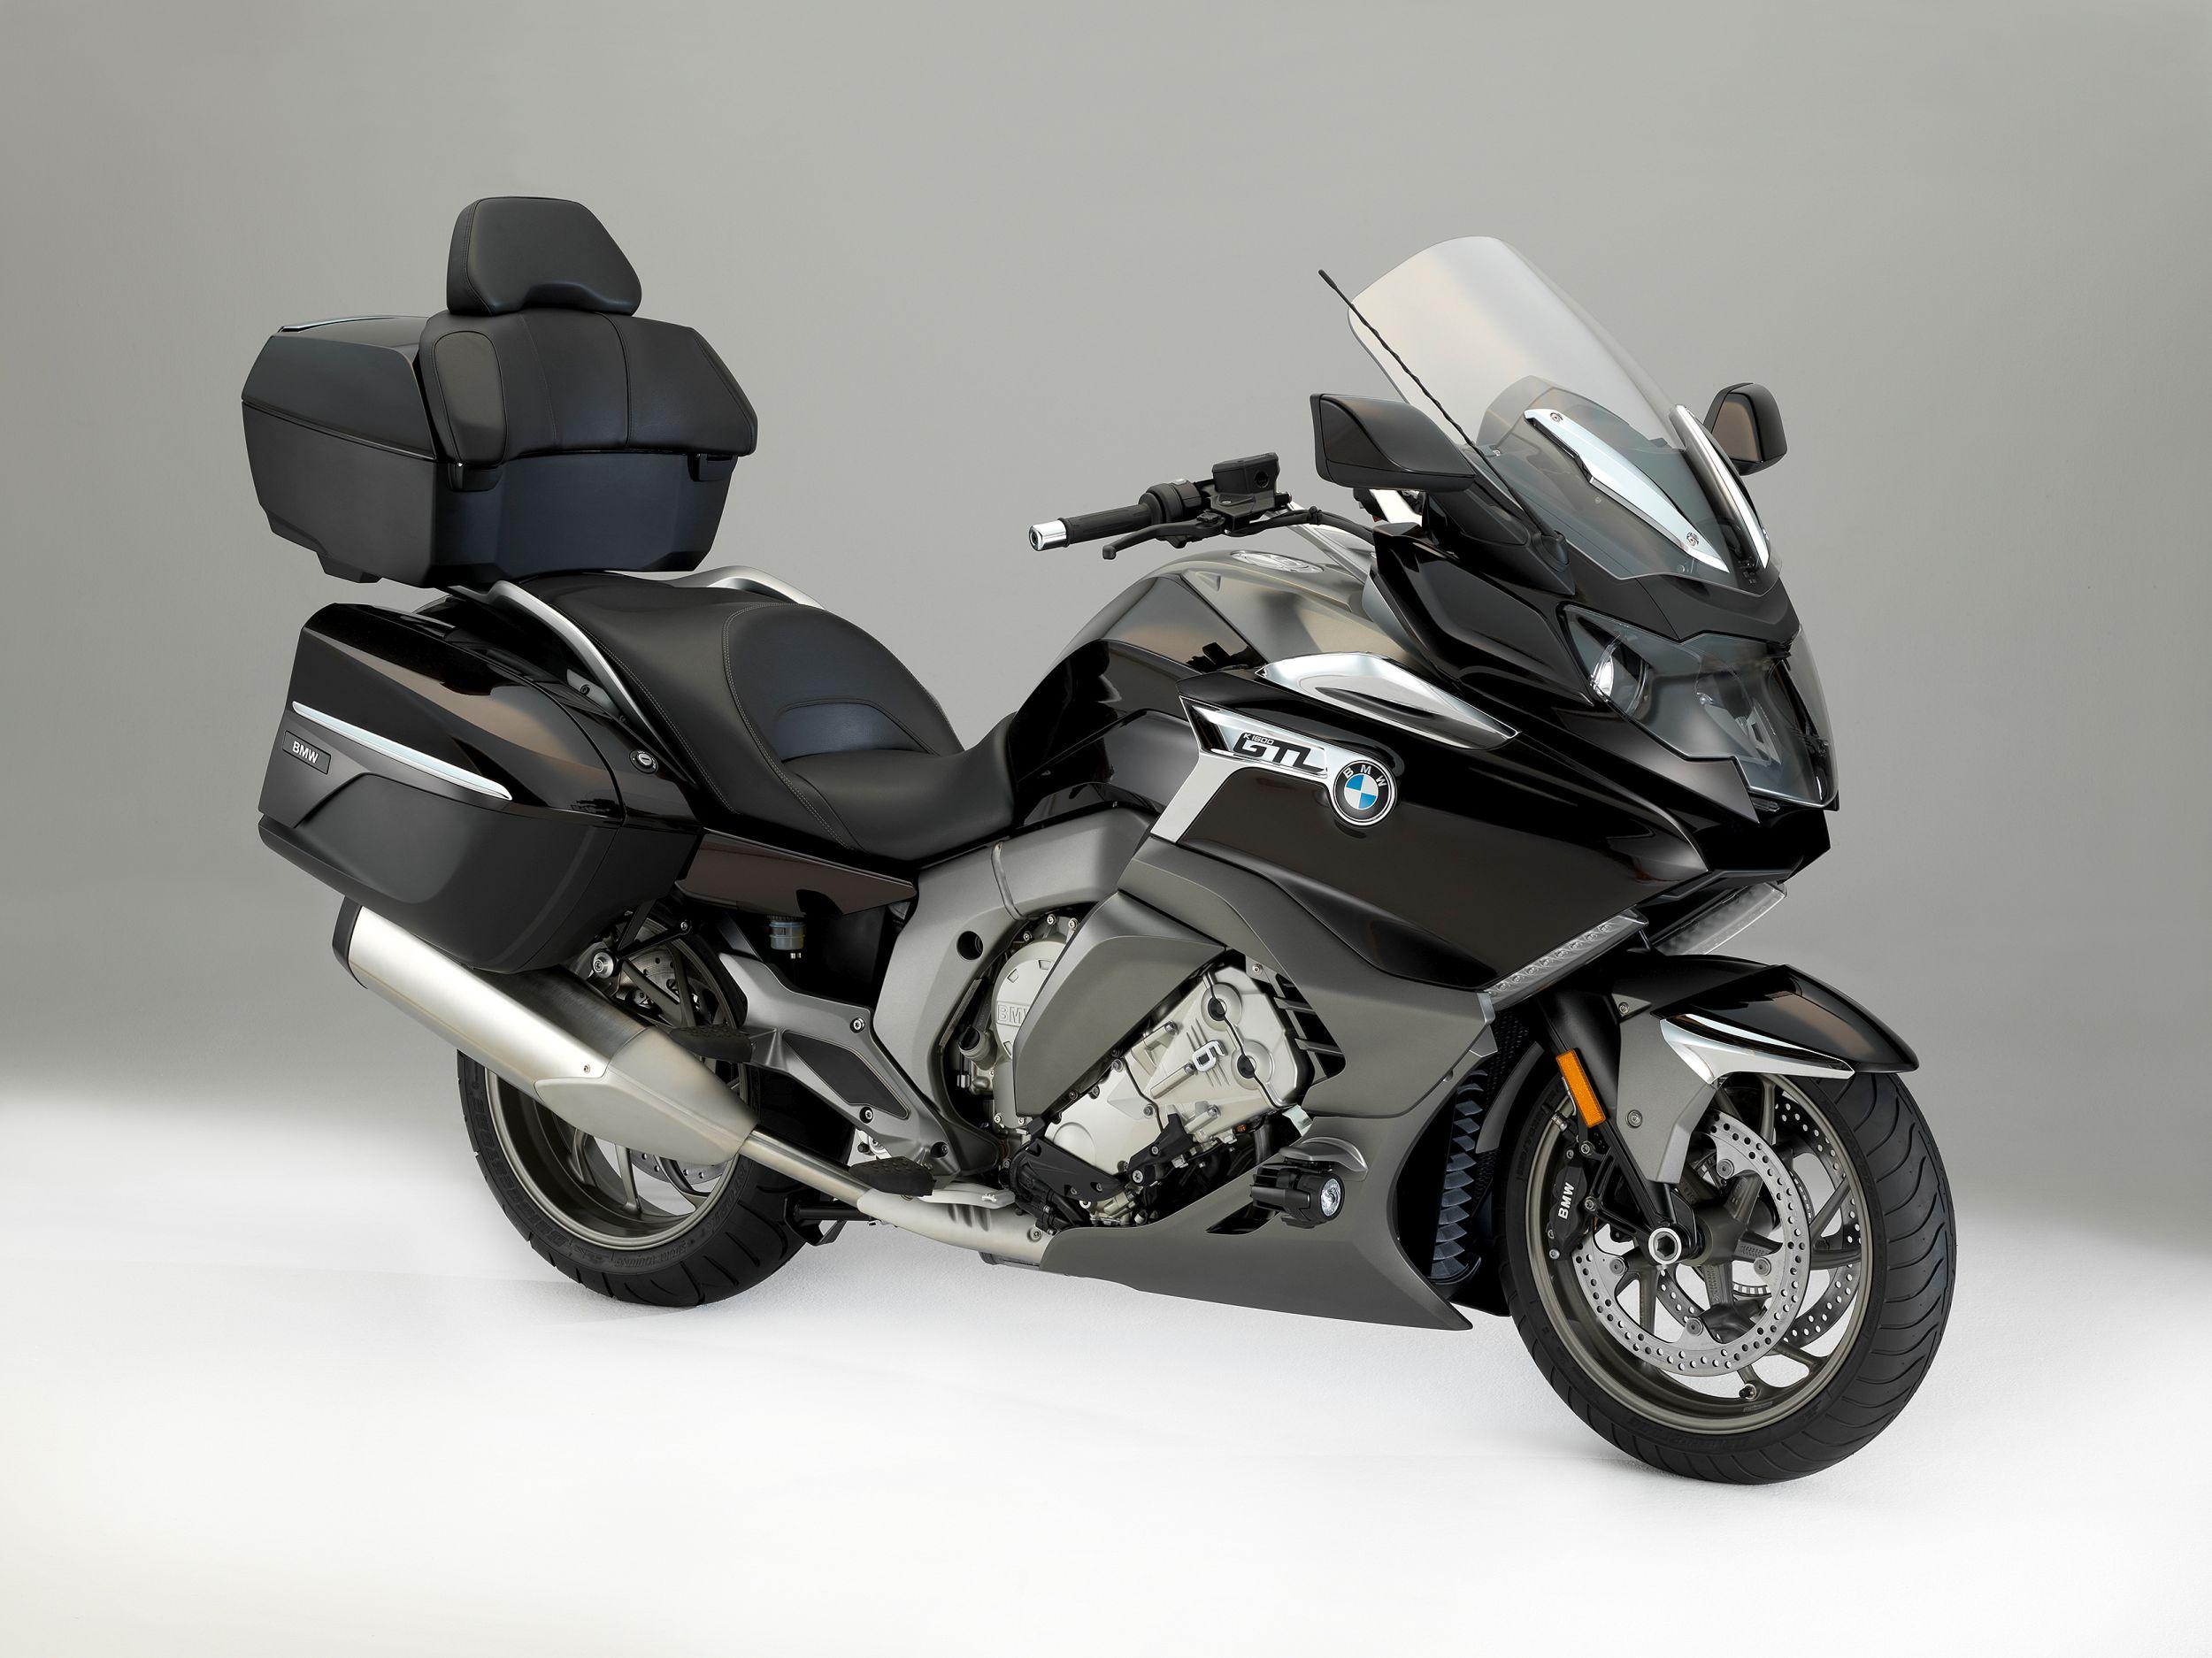 gebrauchte und neue bmw k 1600 gtl motorräder kaufen